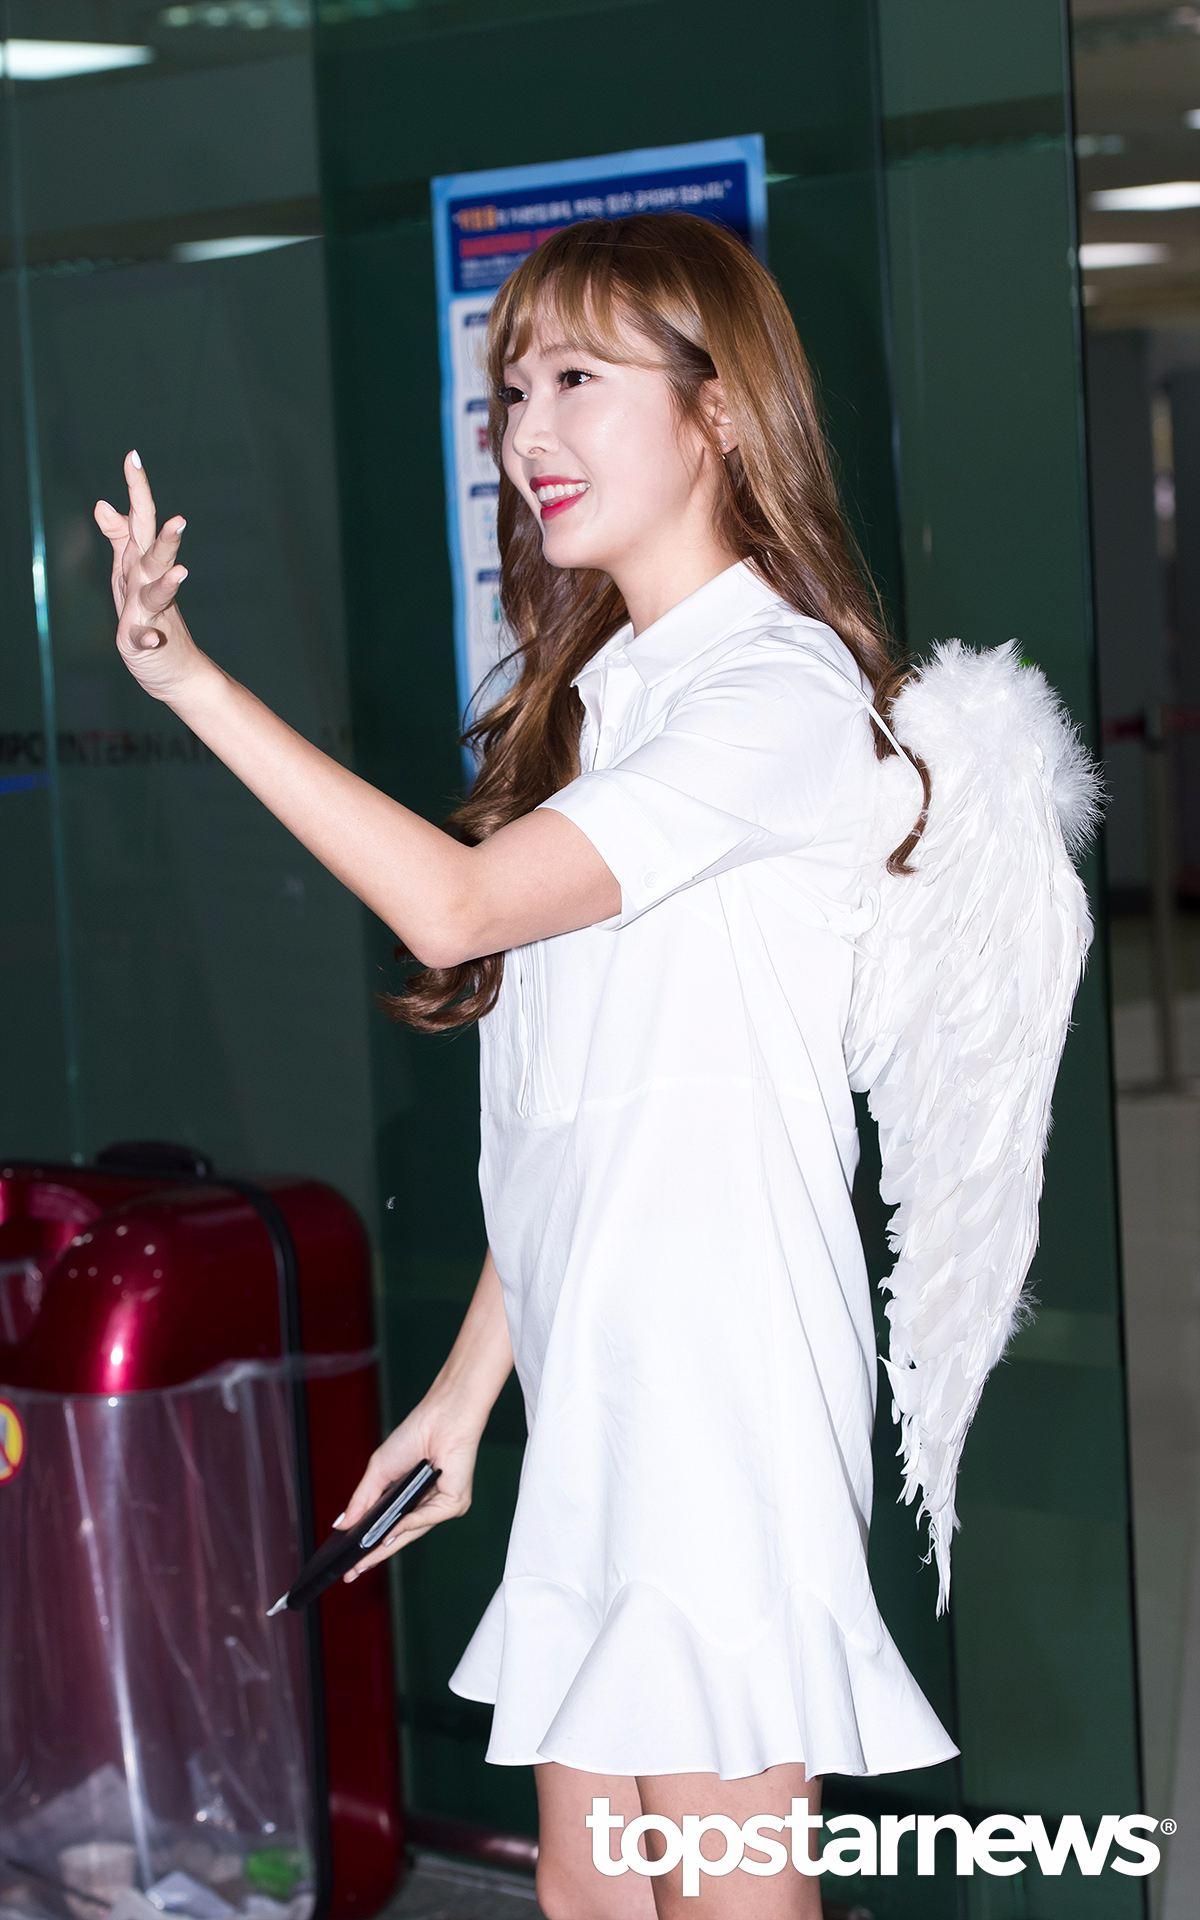 一襲白色連衣裙,背著翅膀,甜美微笑著跟大家打招呼的Jessica,真的猶如天使下凡。